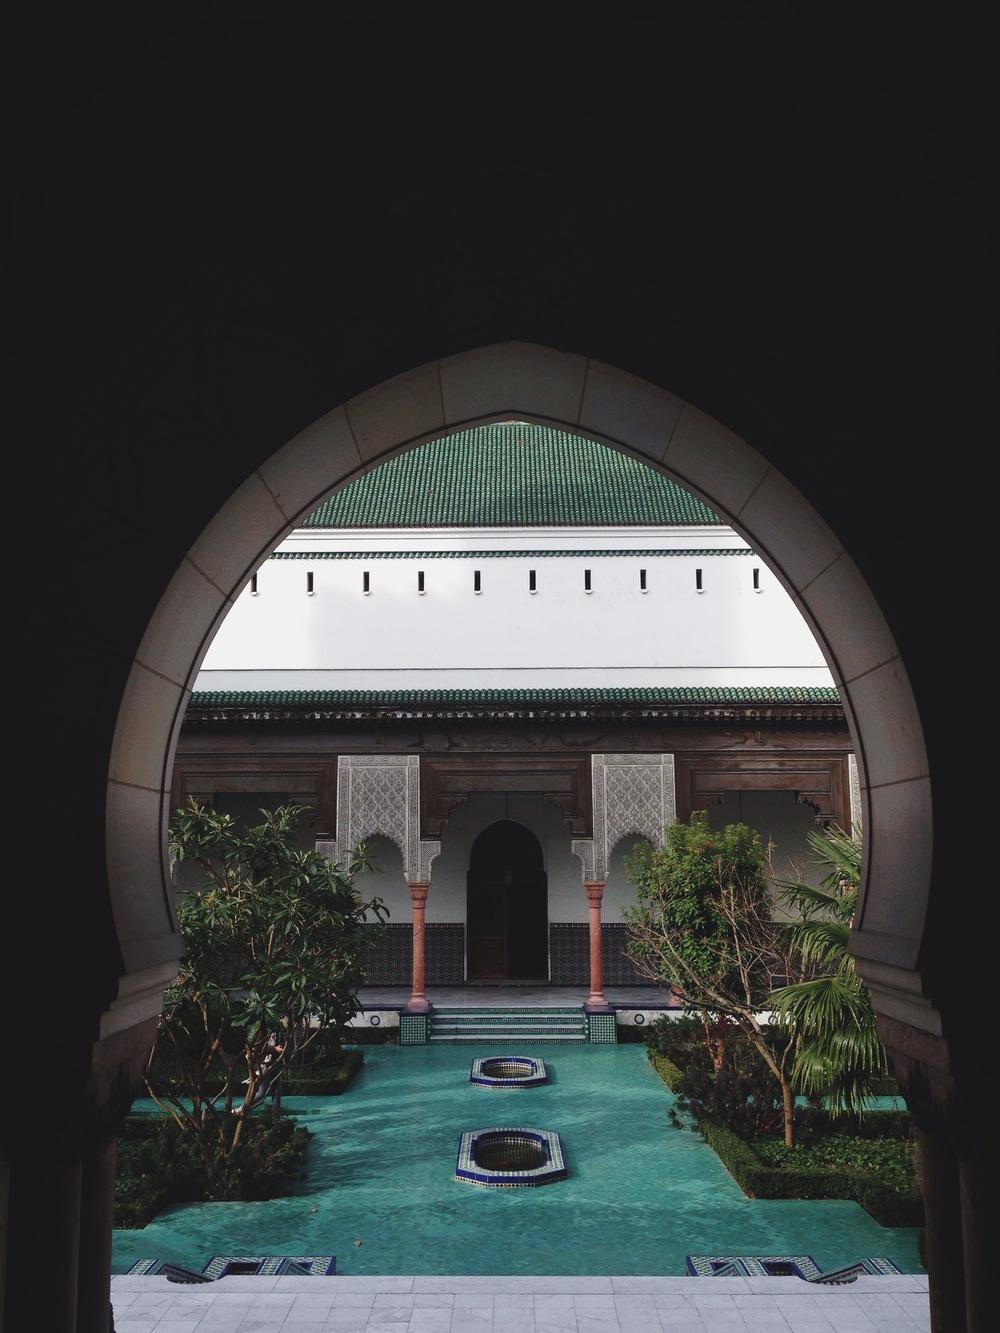 paris-grande_mosquee_through_the_window